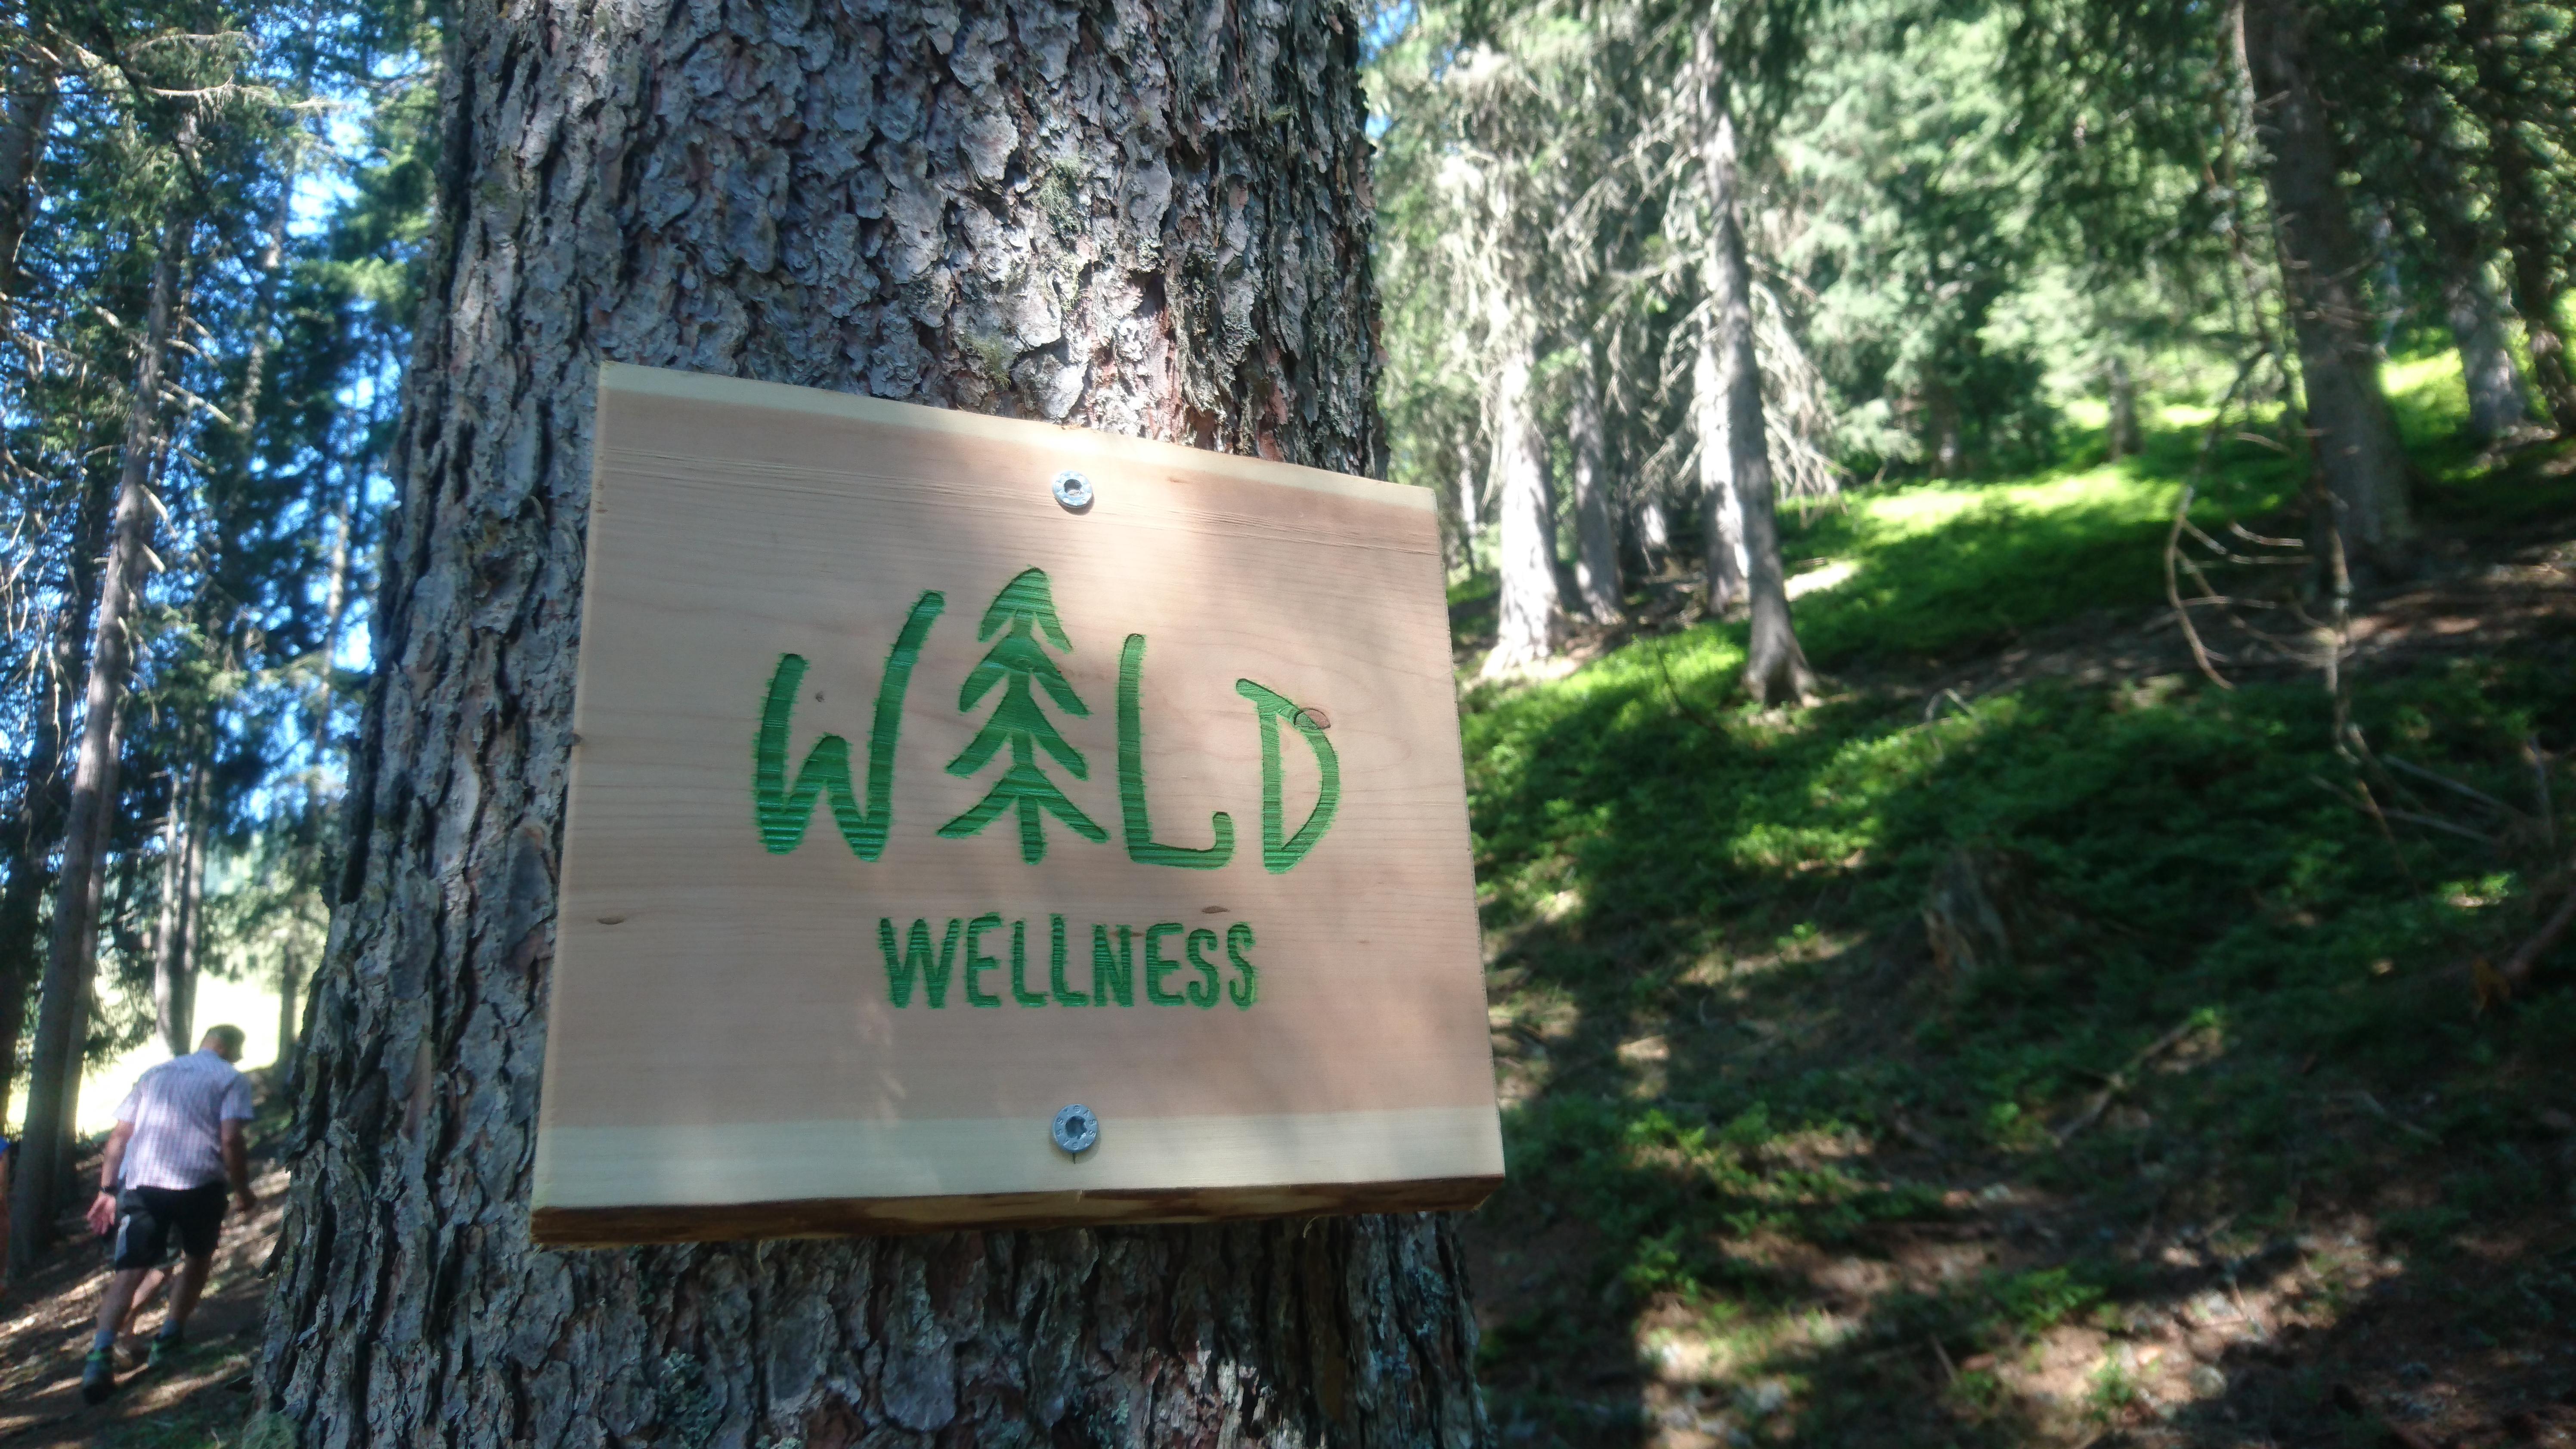 Entlang des Wald-Wellness-Wegs